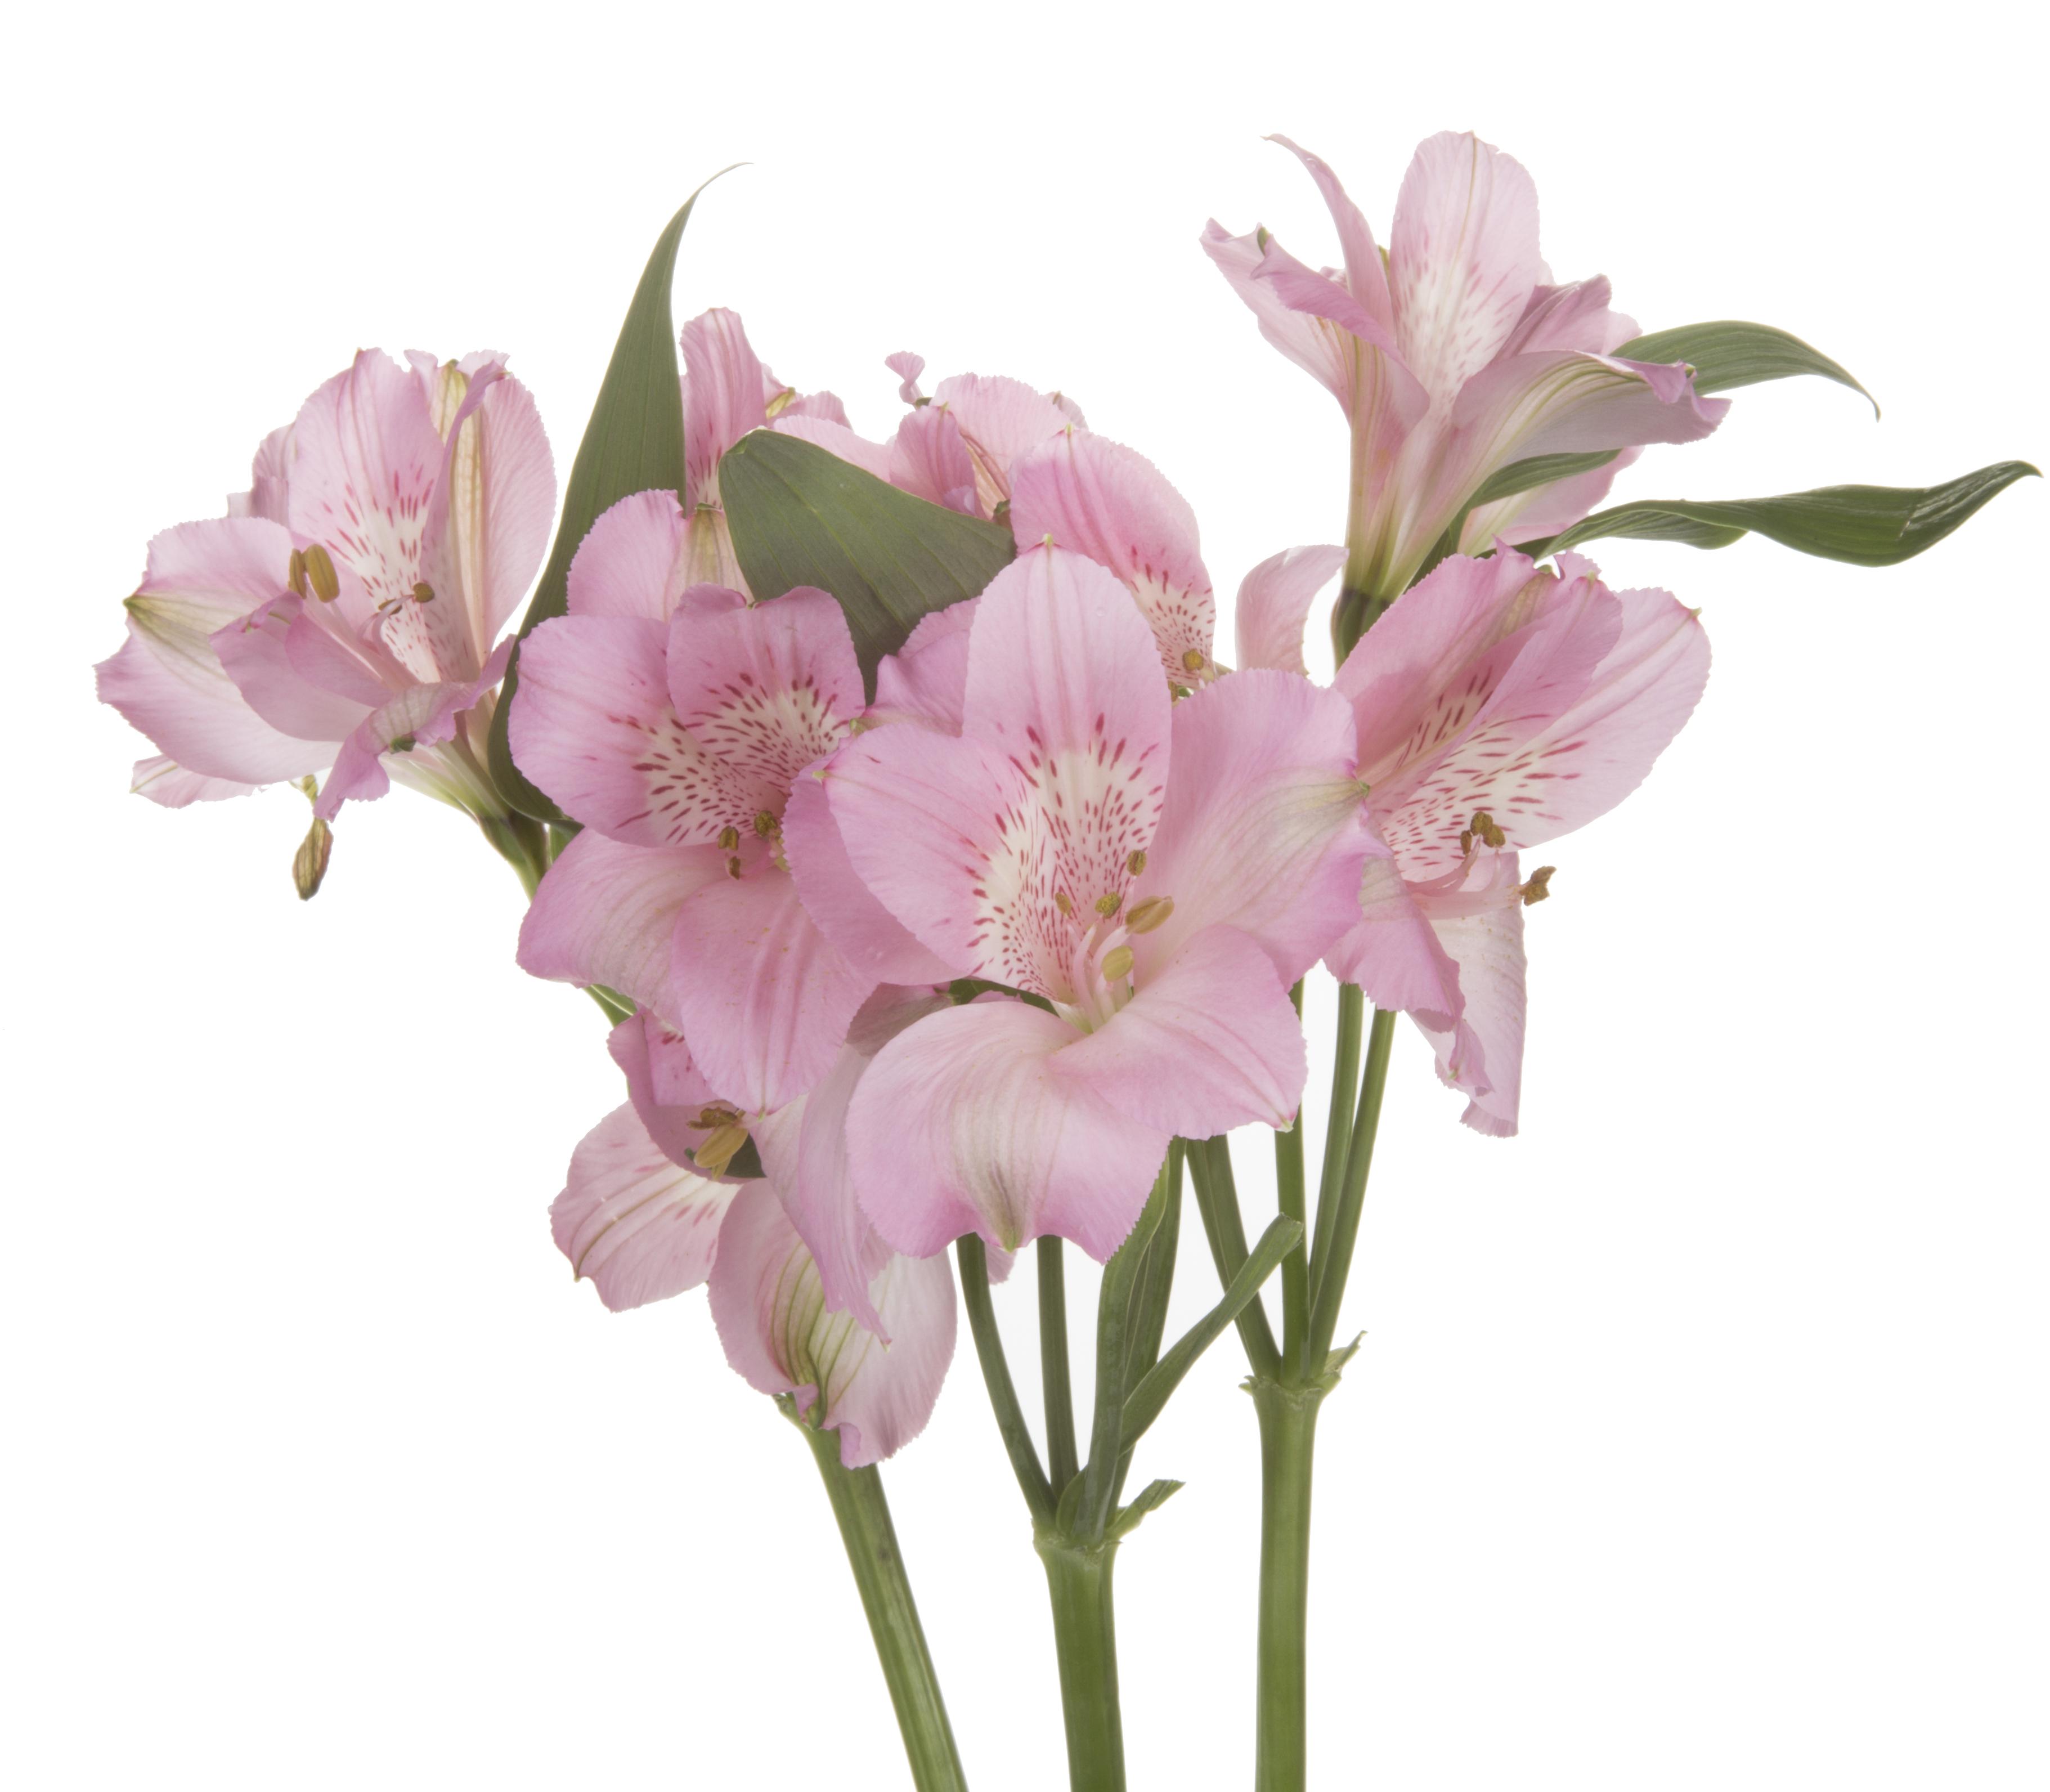 Alstroemeria - pink